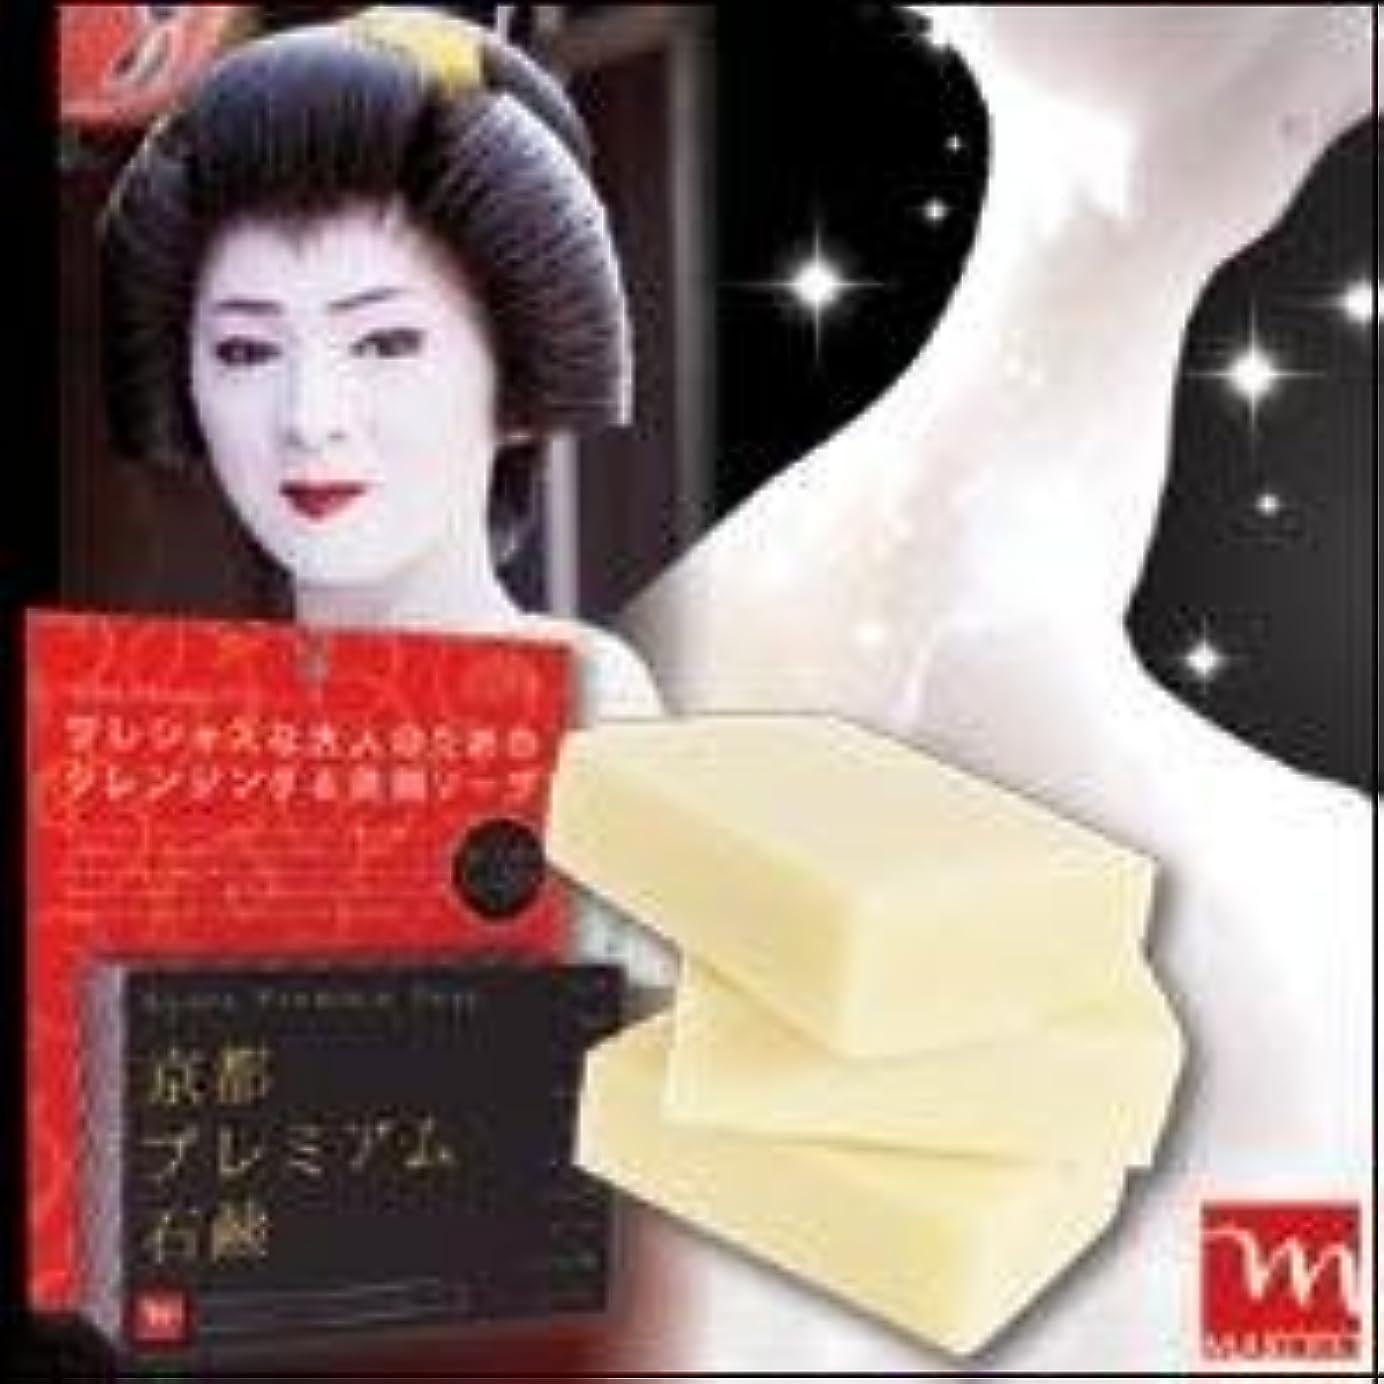 責める想定する用語集京都プレミアム石鹸